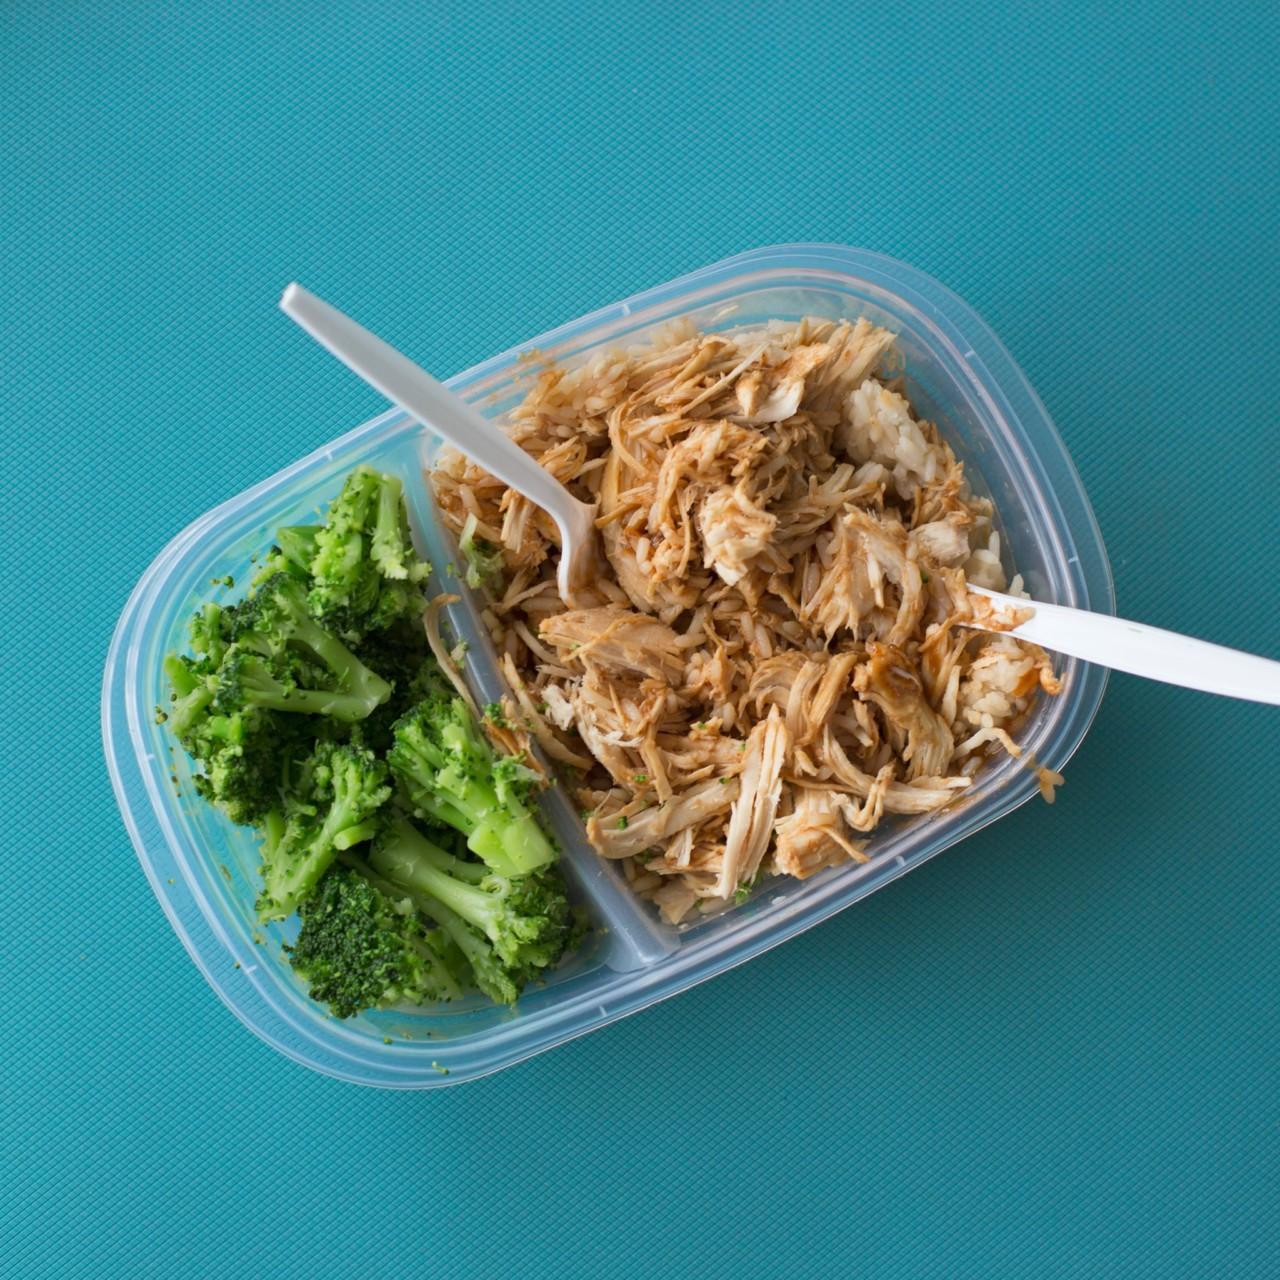 Suppenhuhn braucht Effort, doch lange gegart und gut abgeschmeckt ist es fantastisch. Foto: Pexels